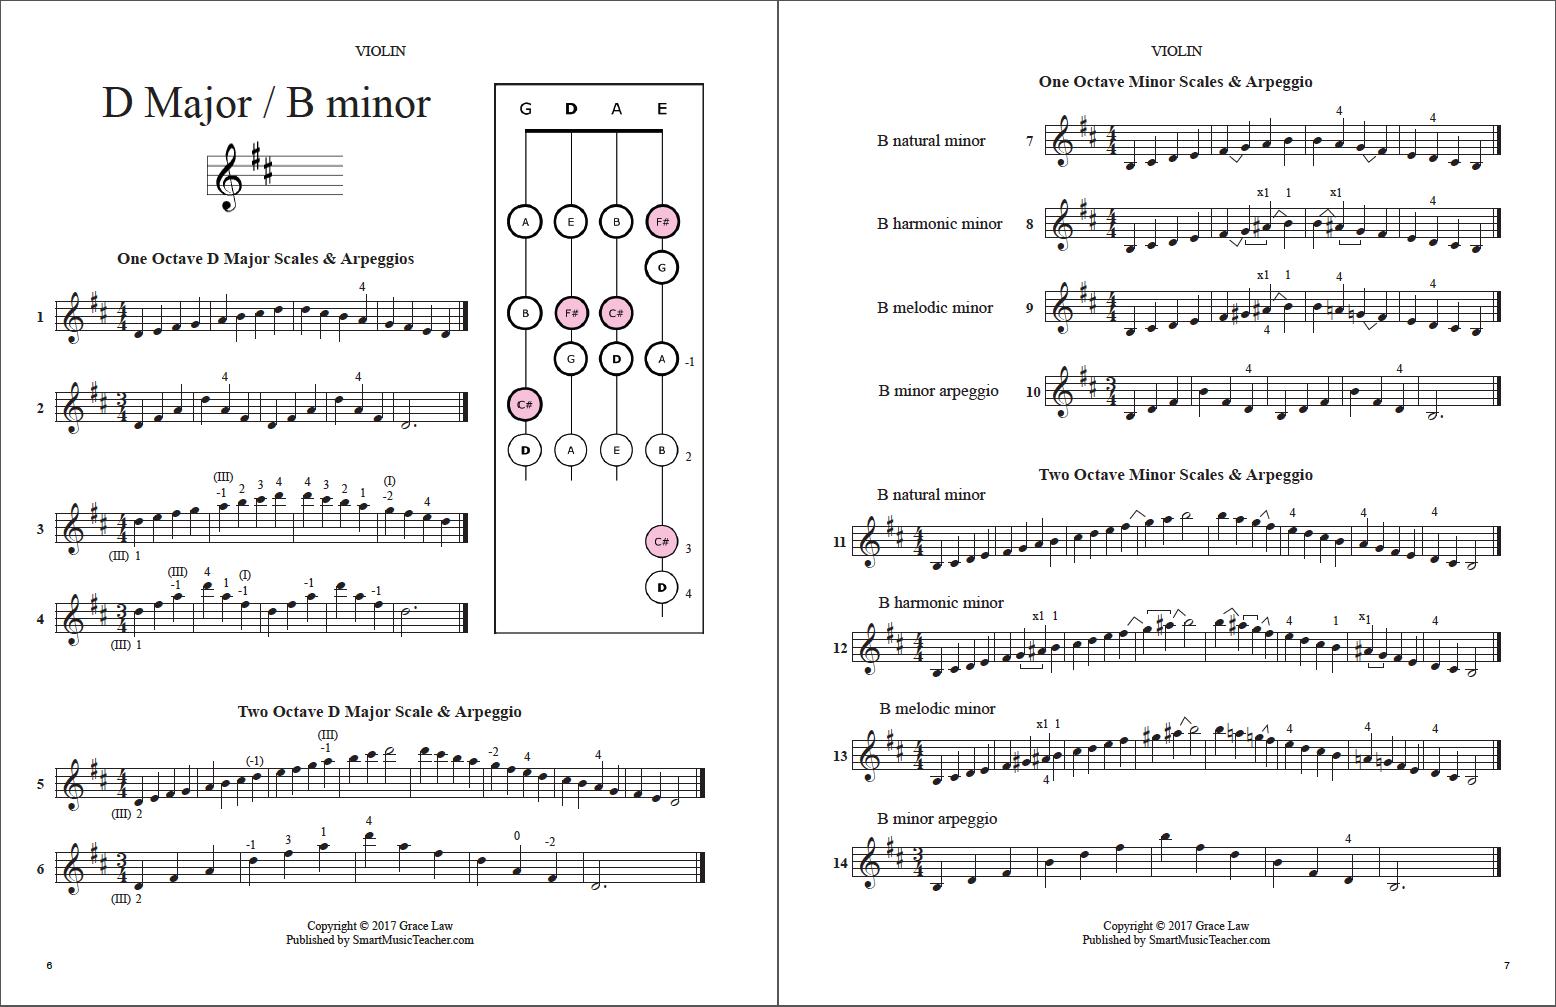 Smart Scales for Strings - Violin, Viola, Cello, Bass, Score